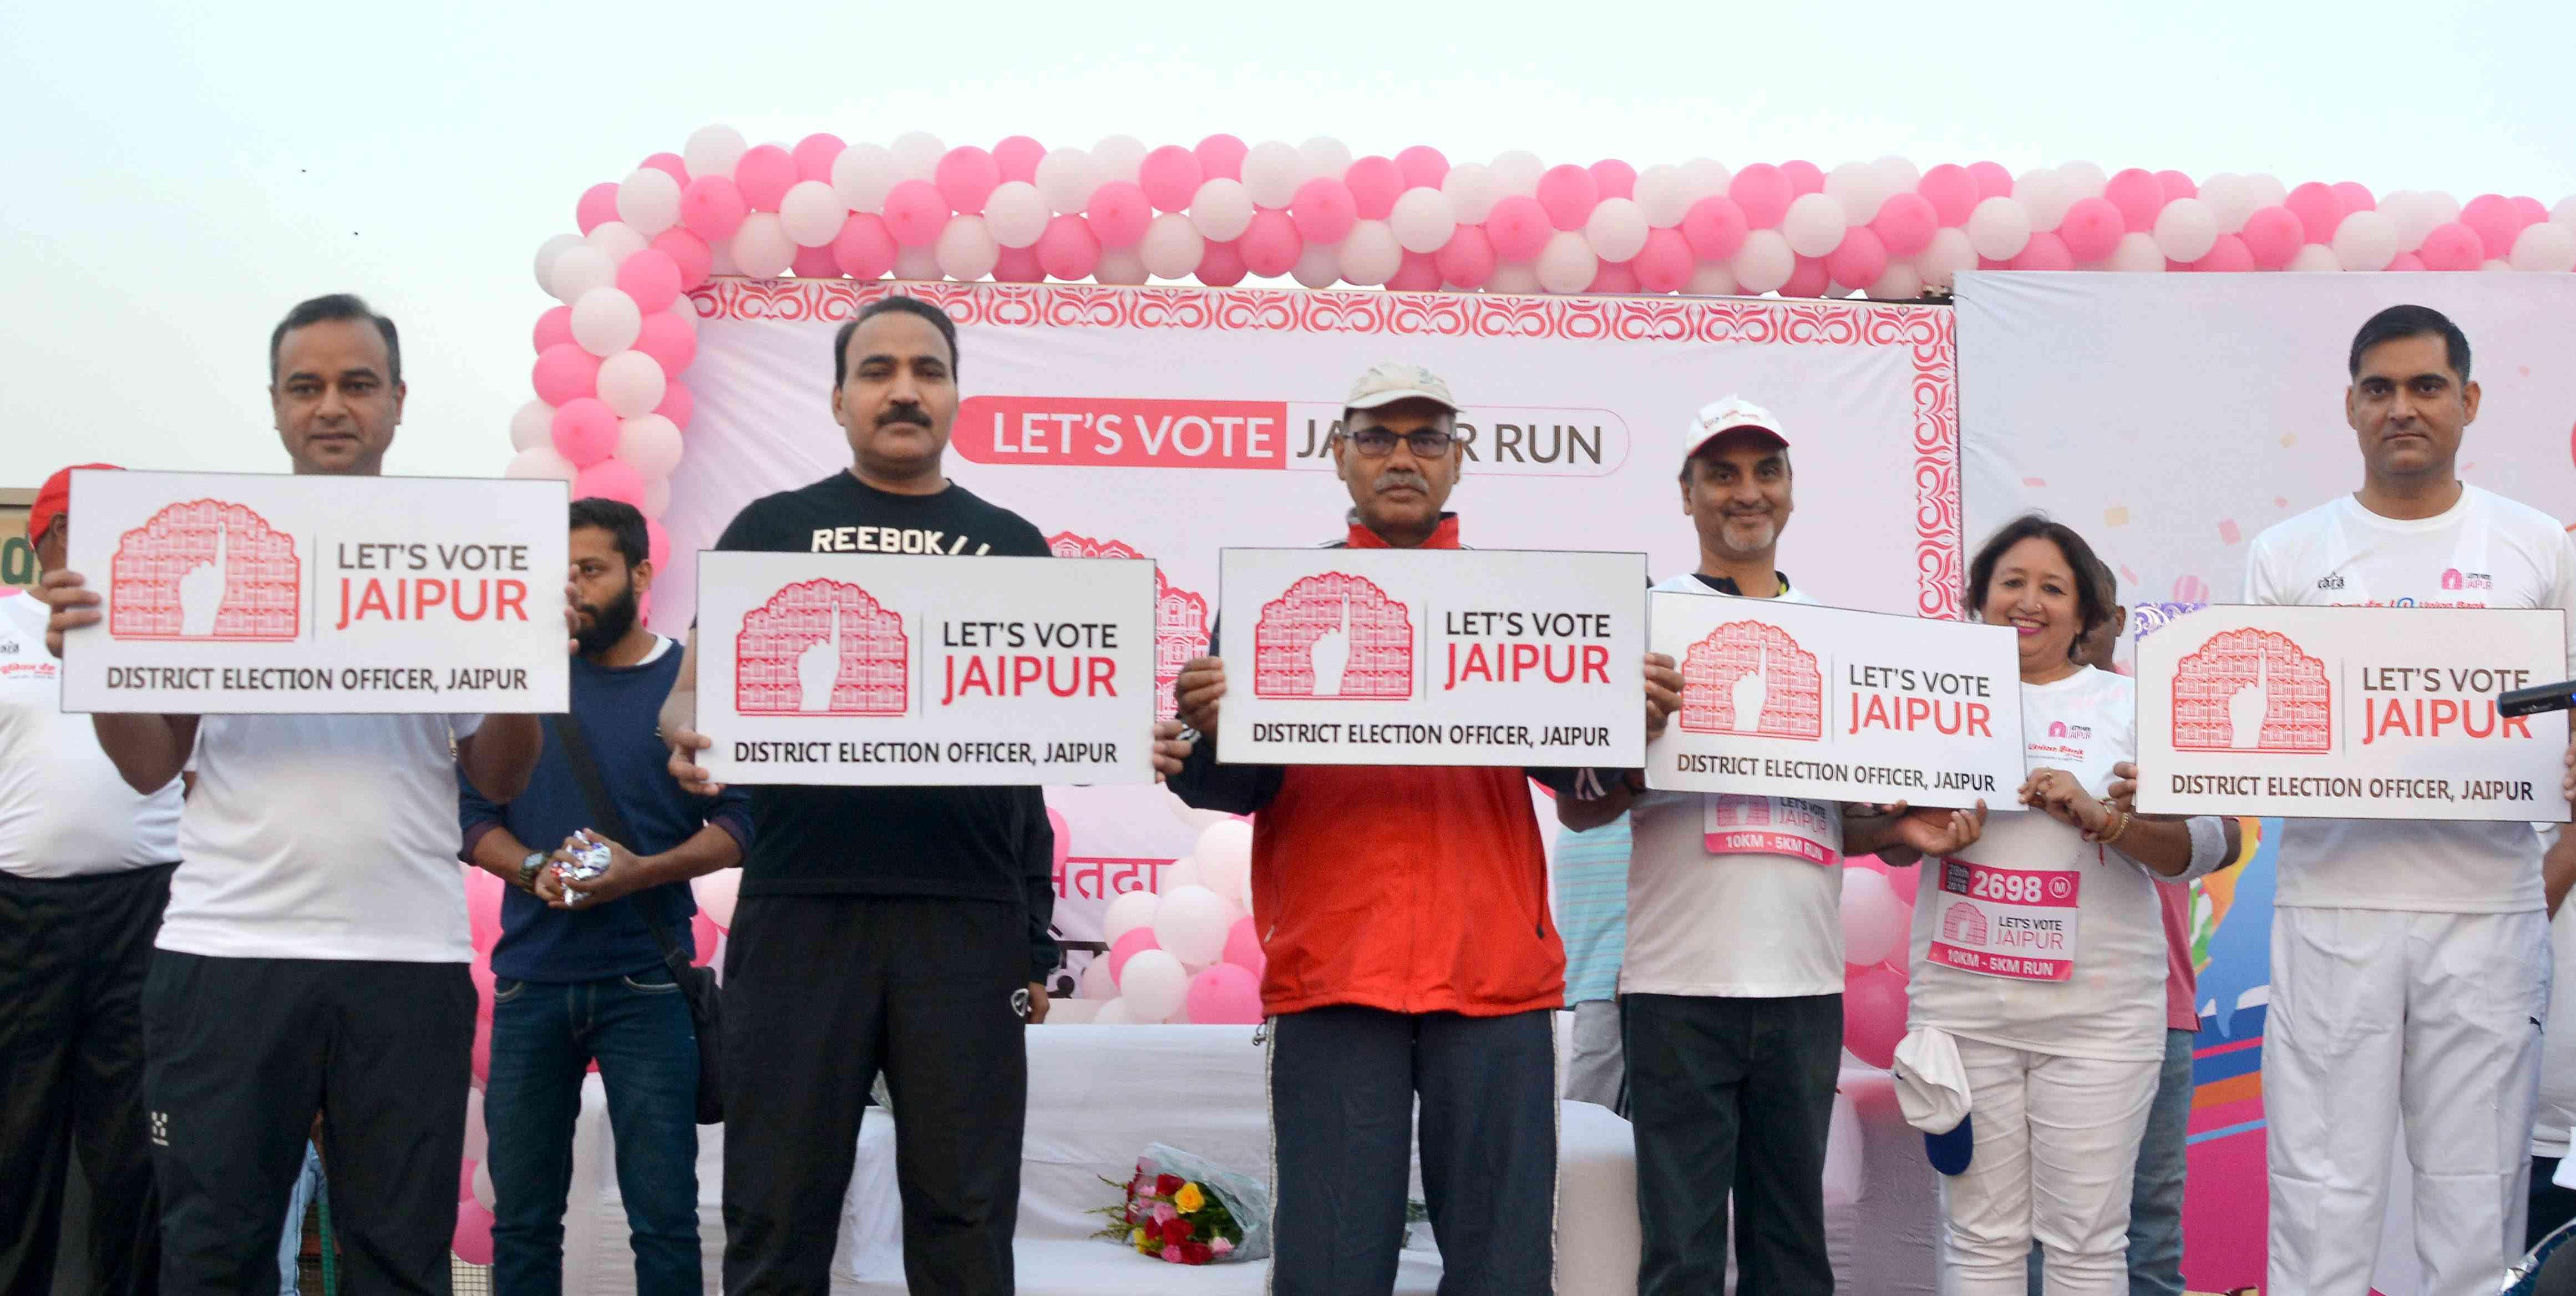 Let's Vote Jaipur